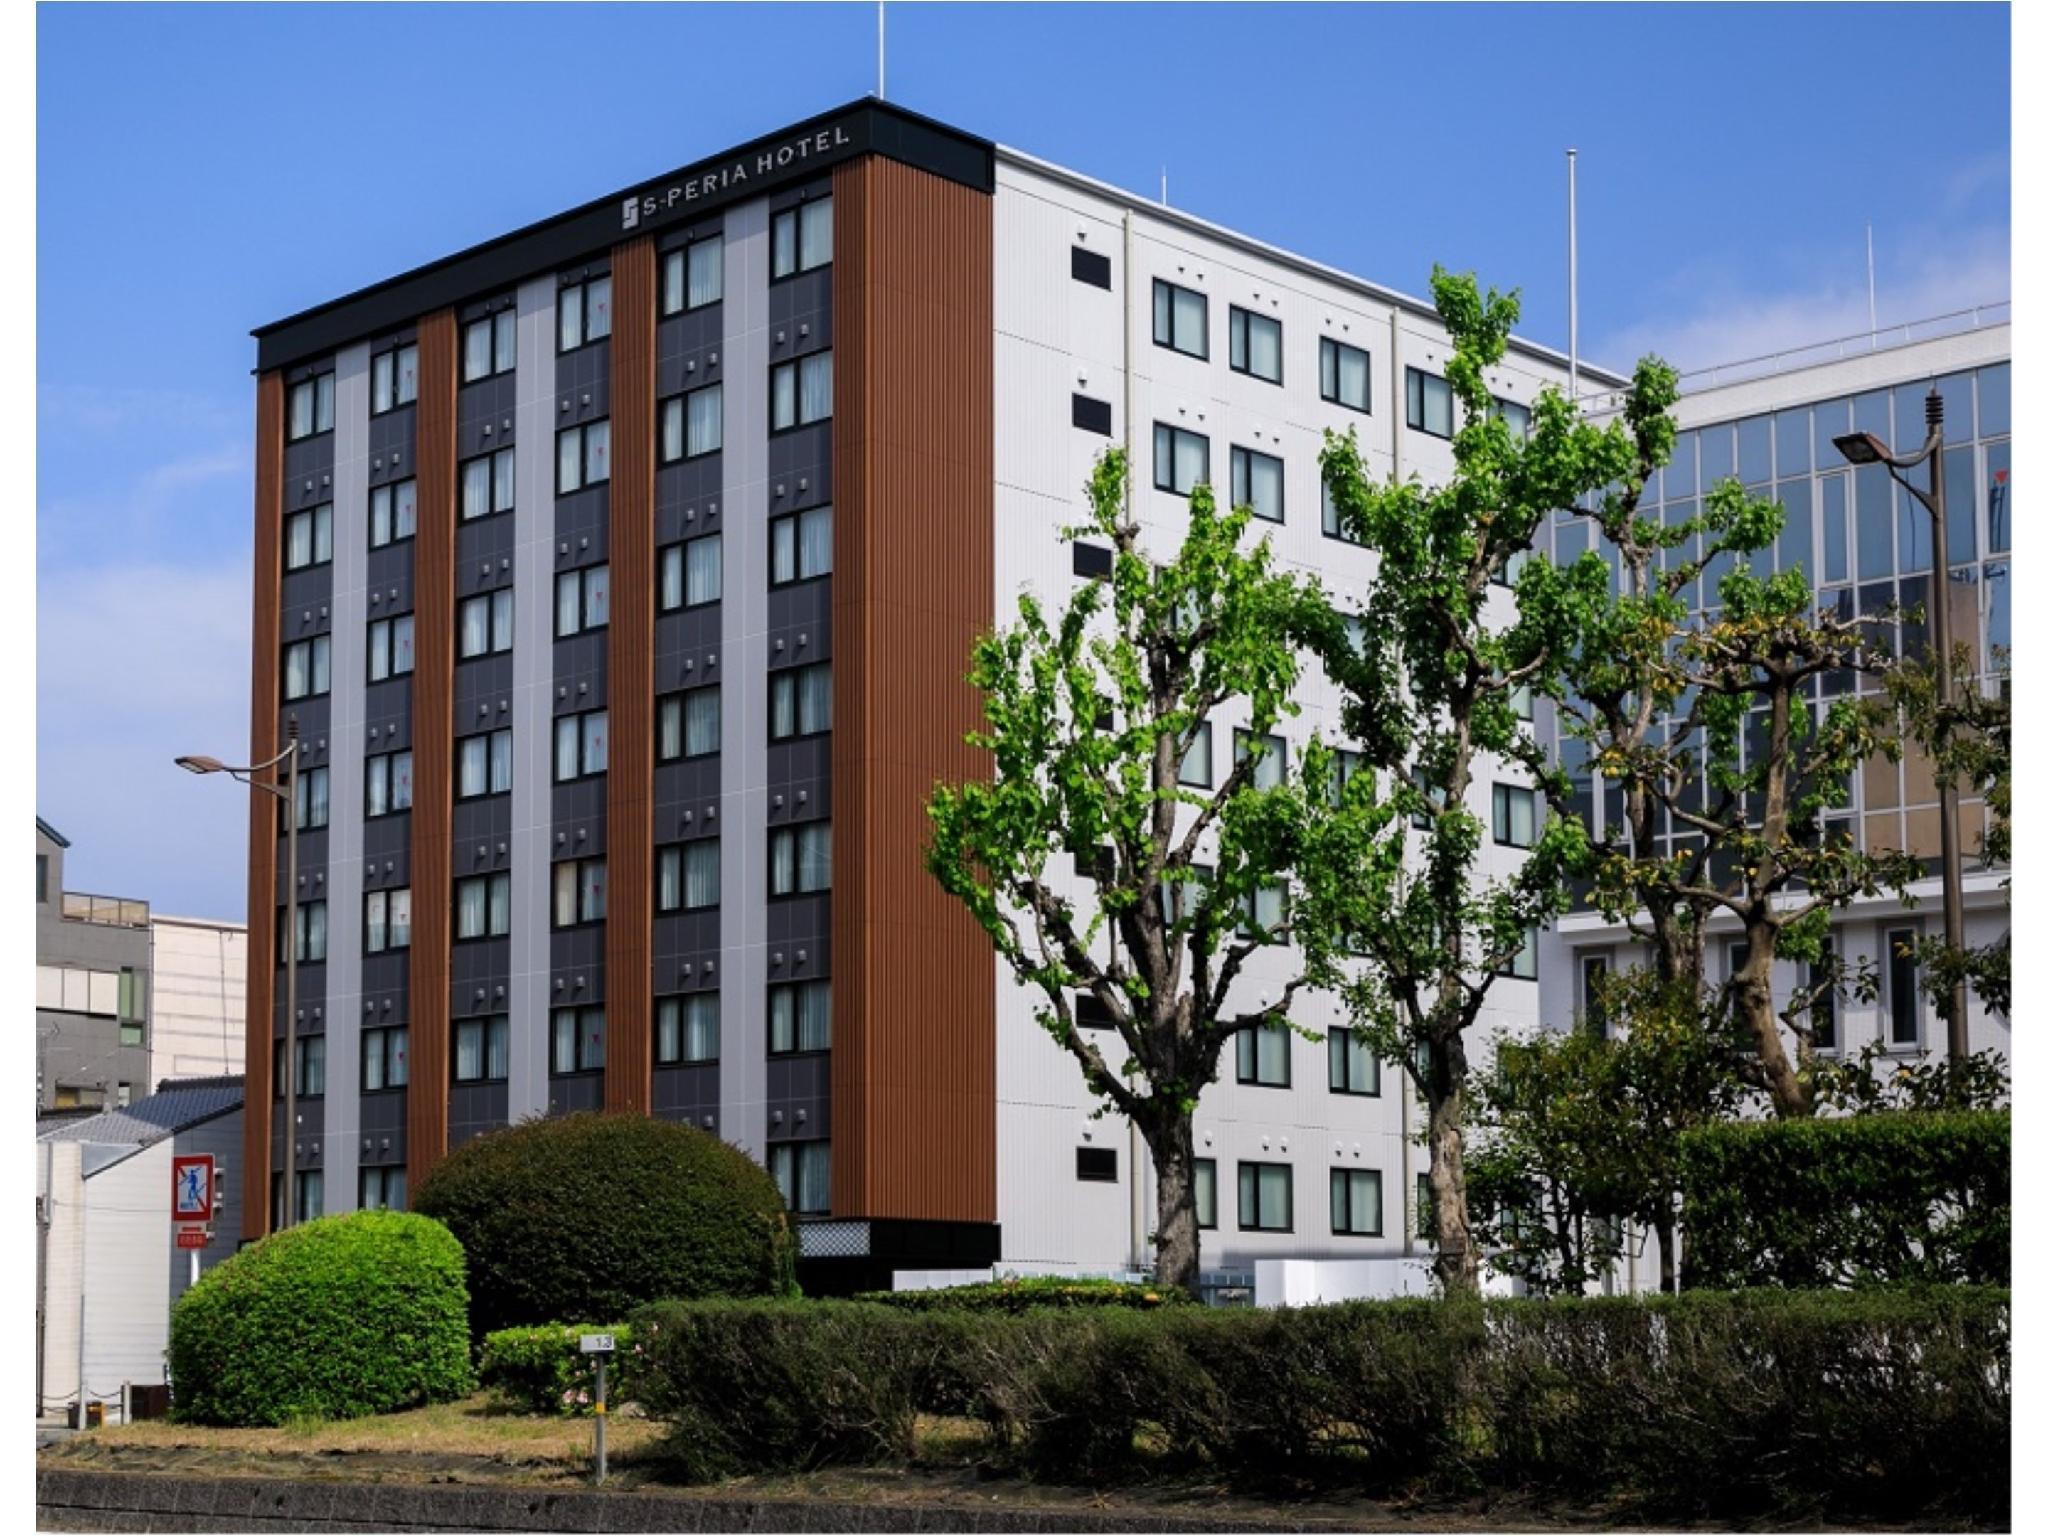 S PERIA HOTEL Kyoto